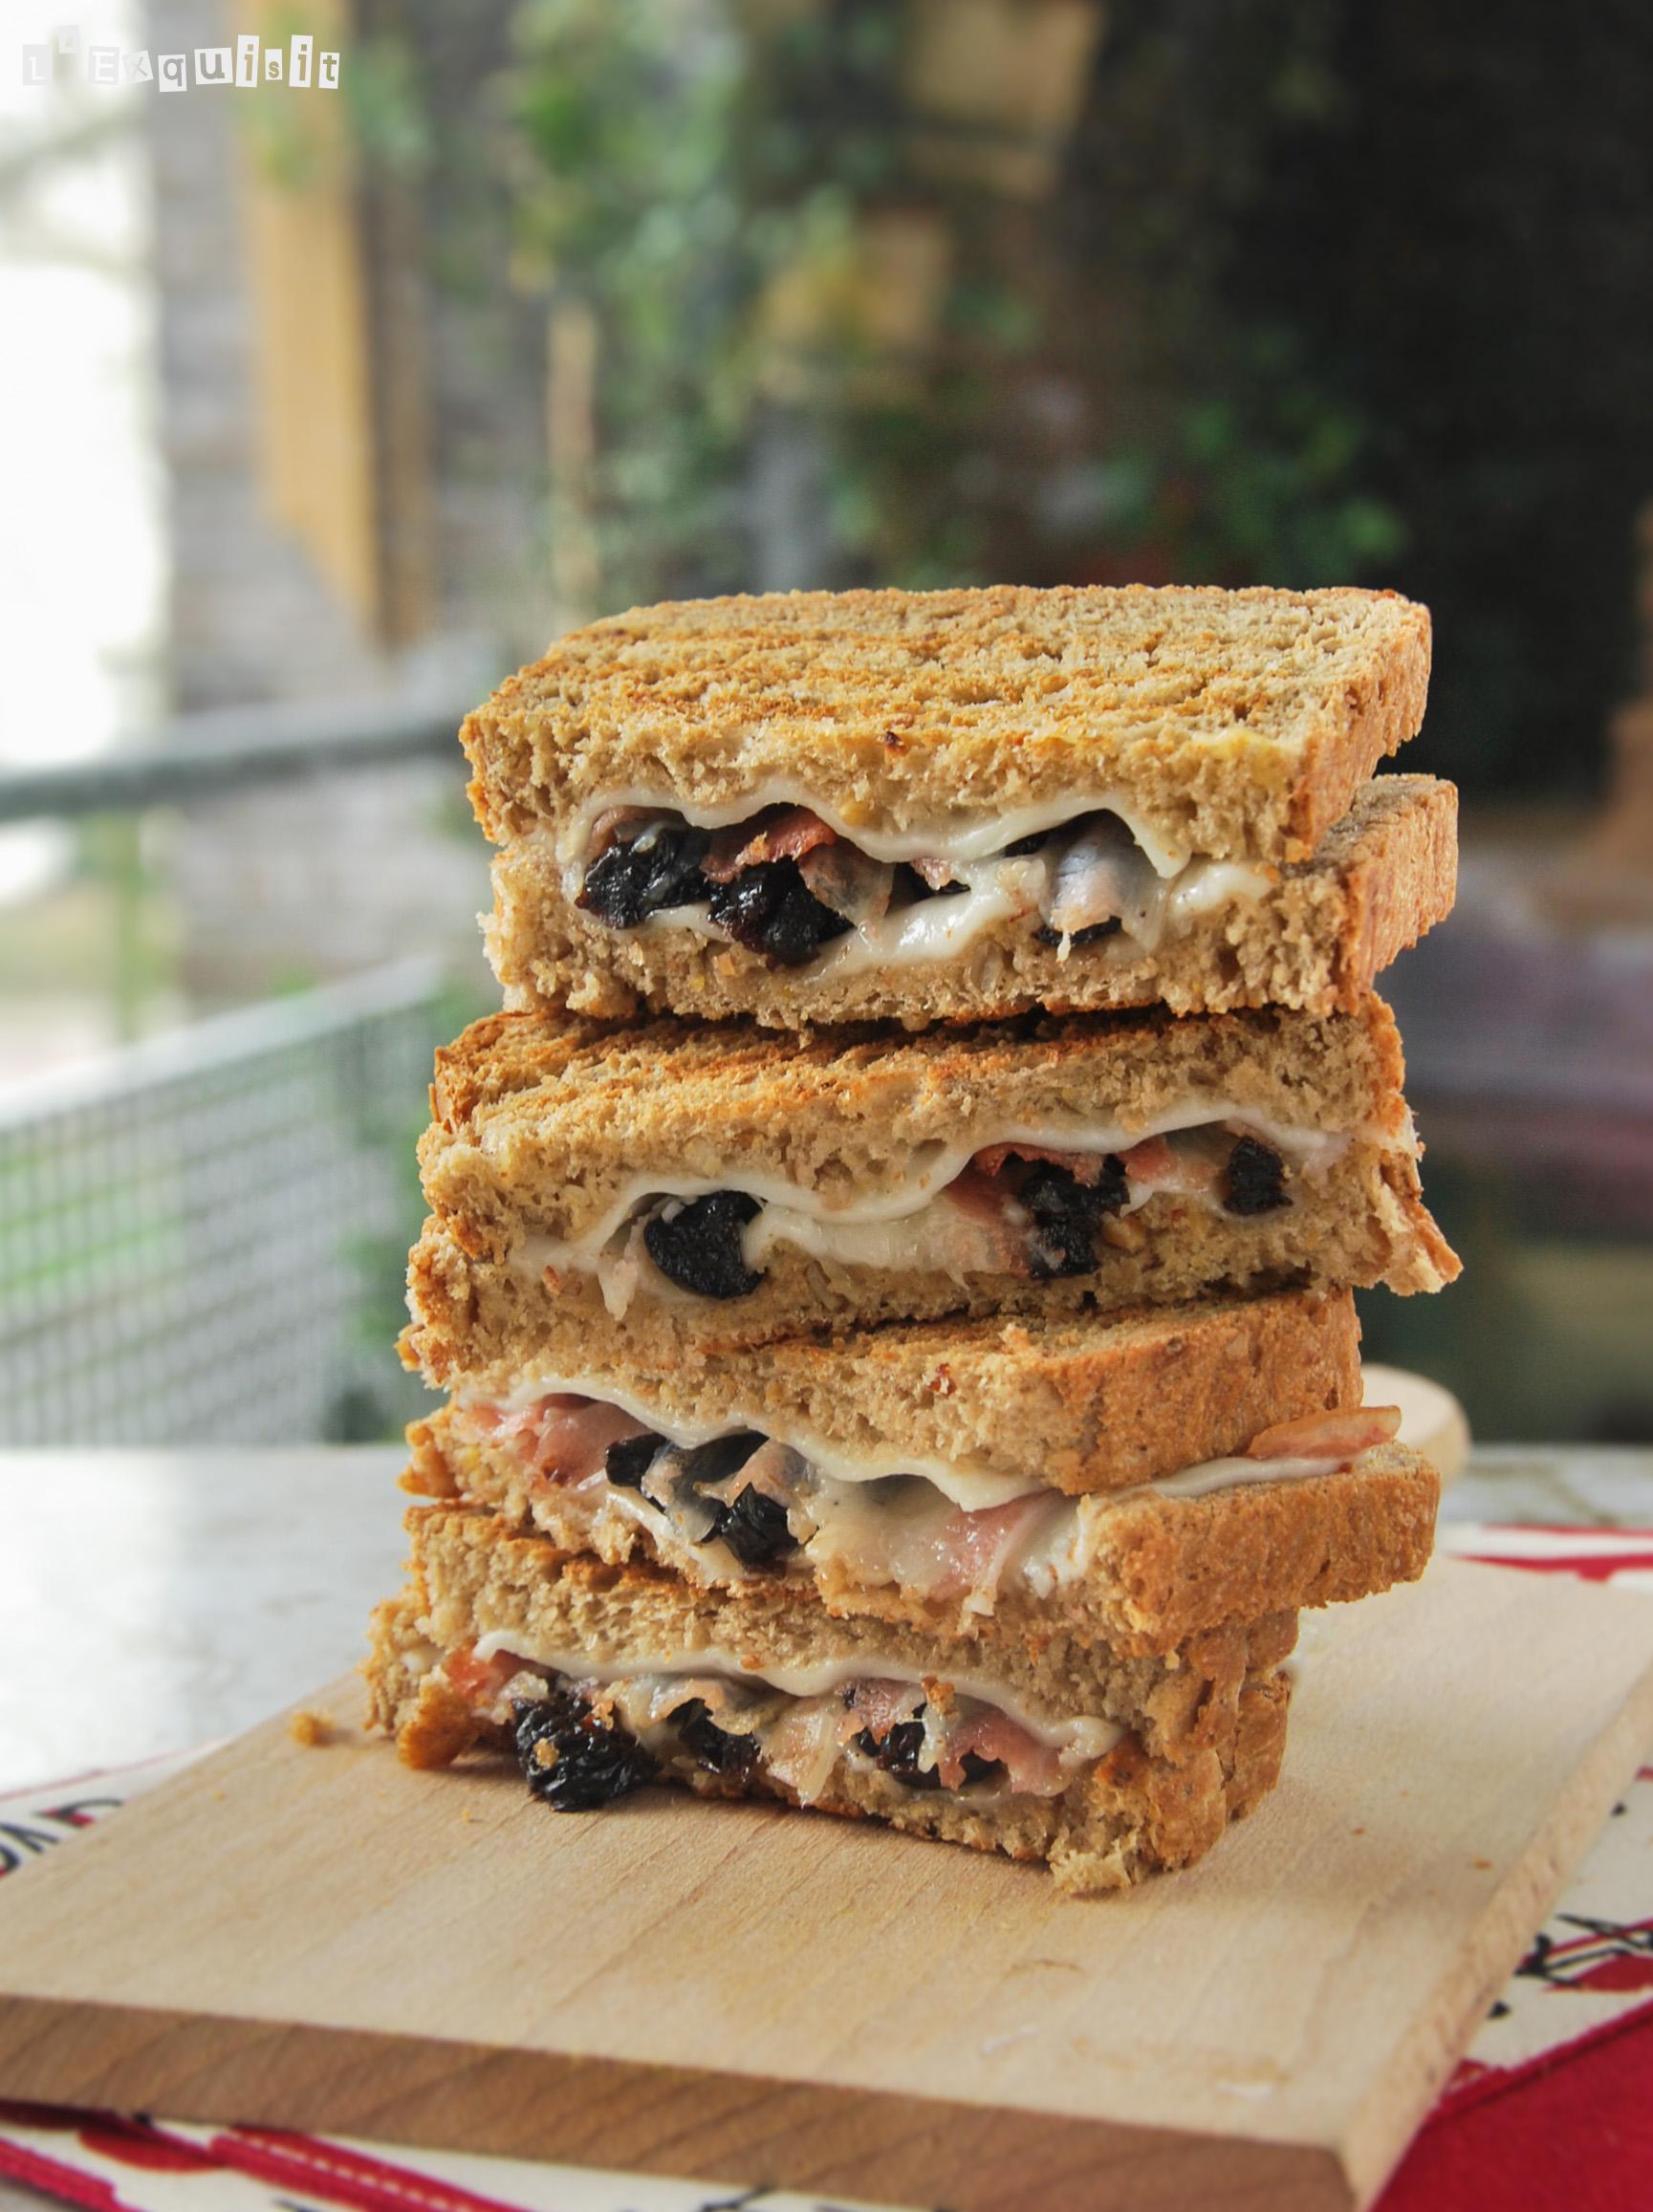 Sandwich caliente de queso con ciruelas